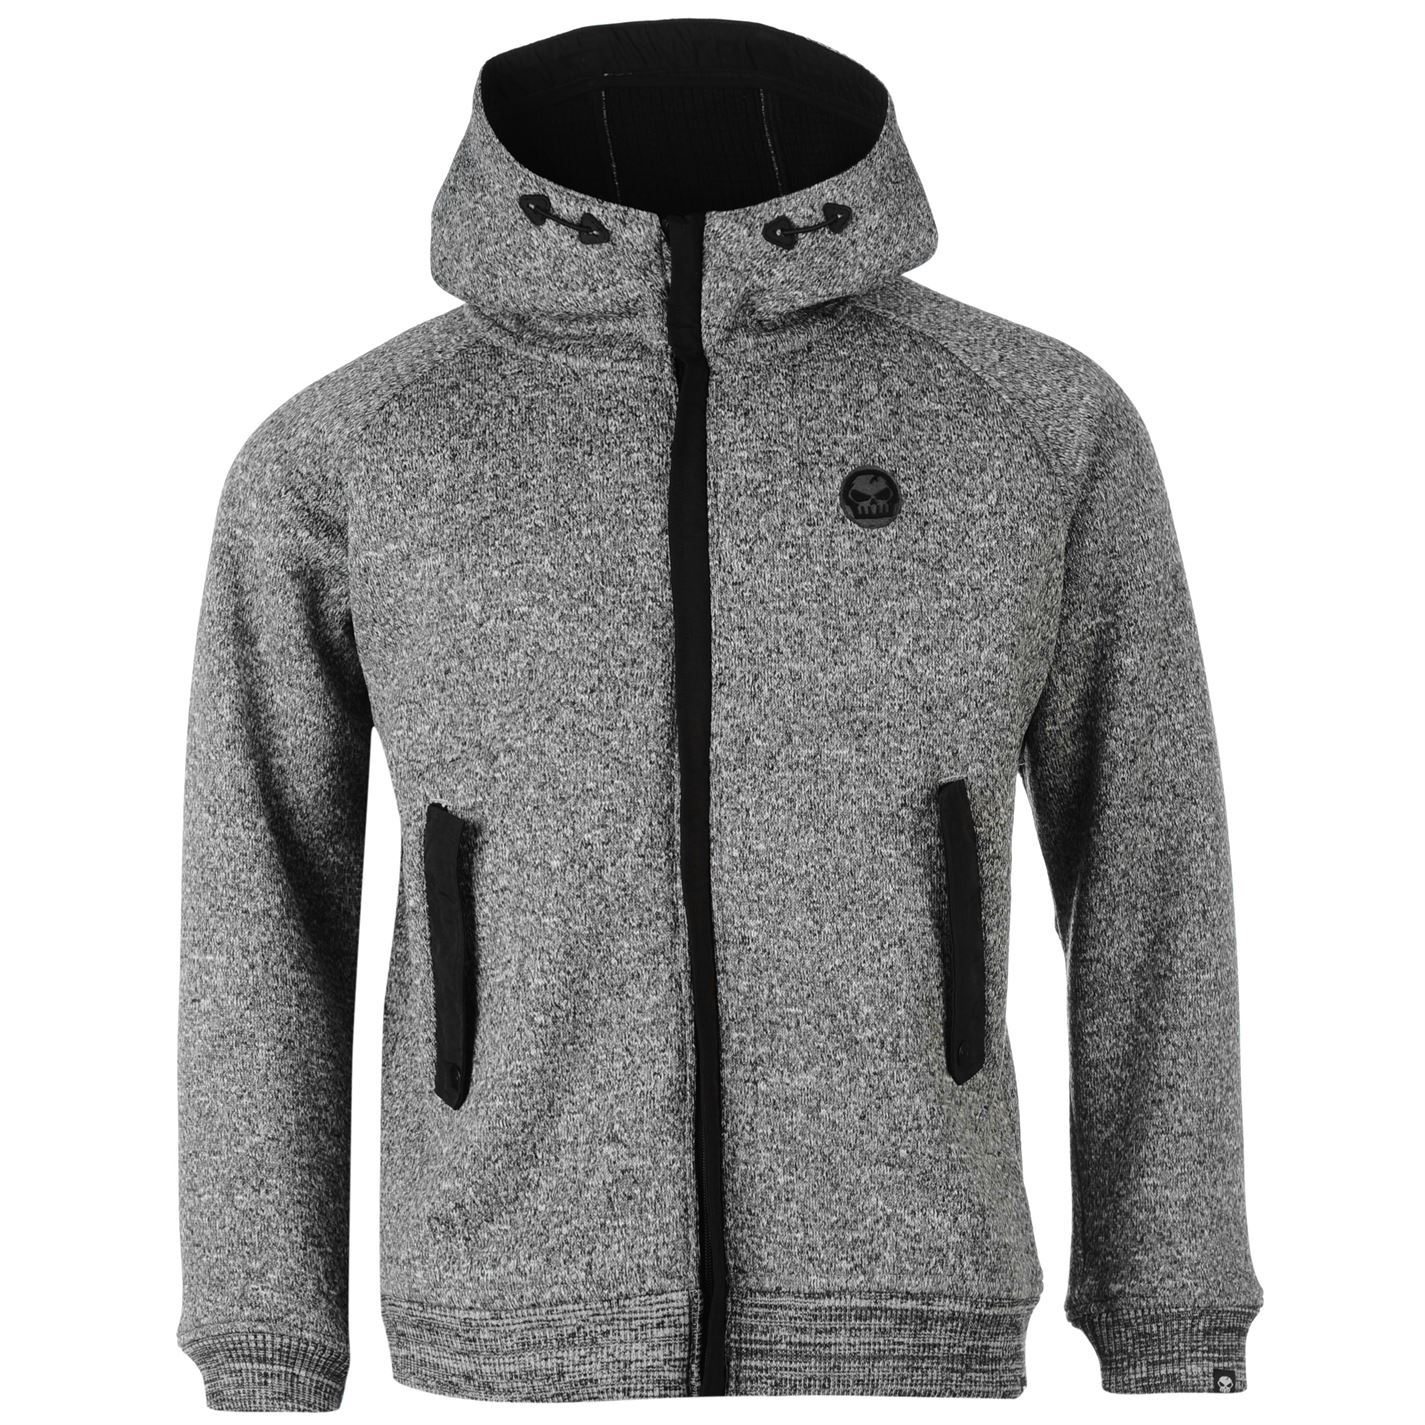 No sleeve hoodies